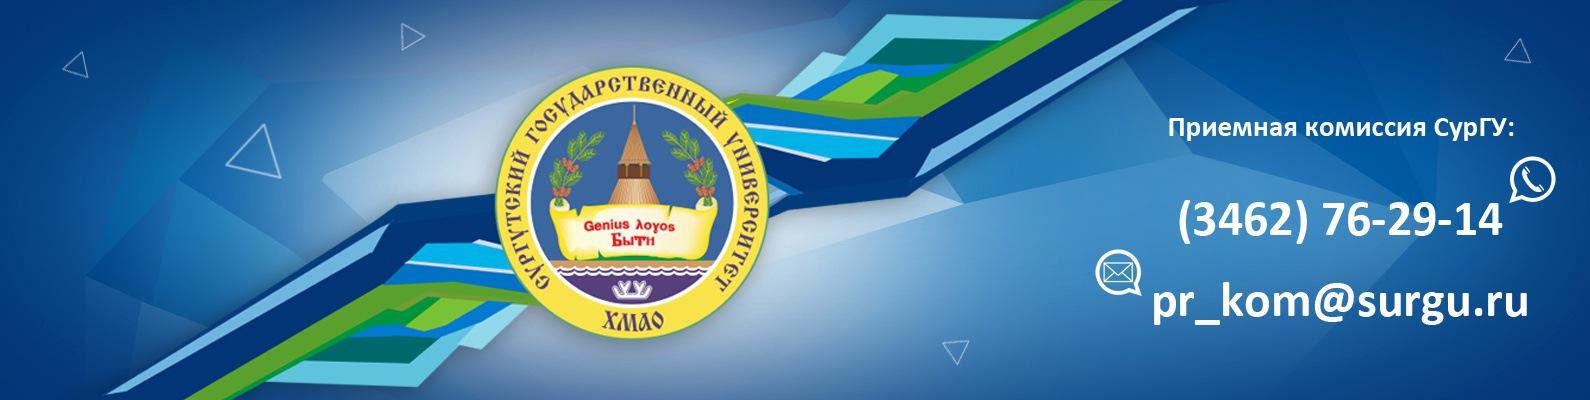 бороться сургутский государственный университет приемная комиссия мазью пропитывают ватные